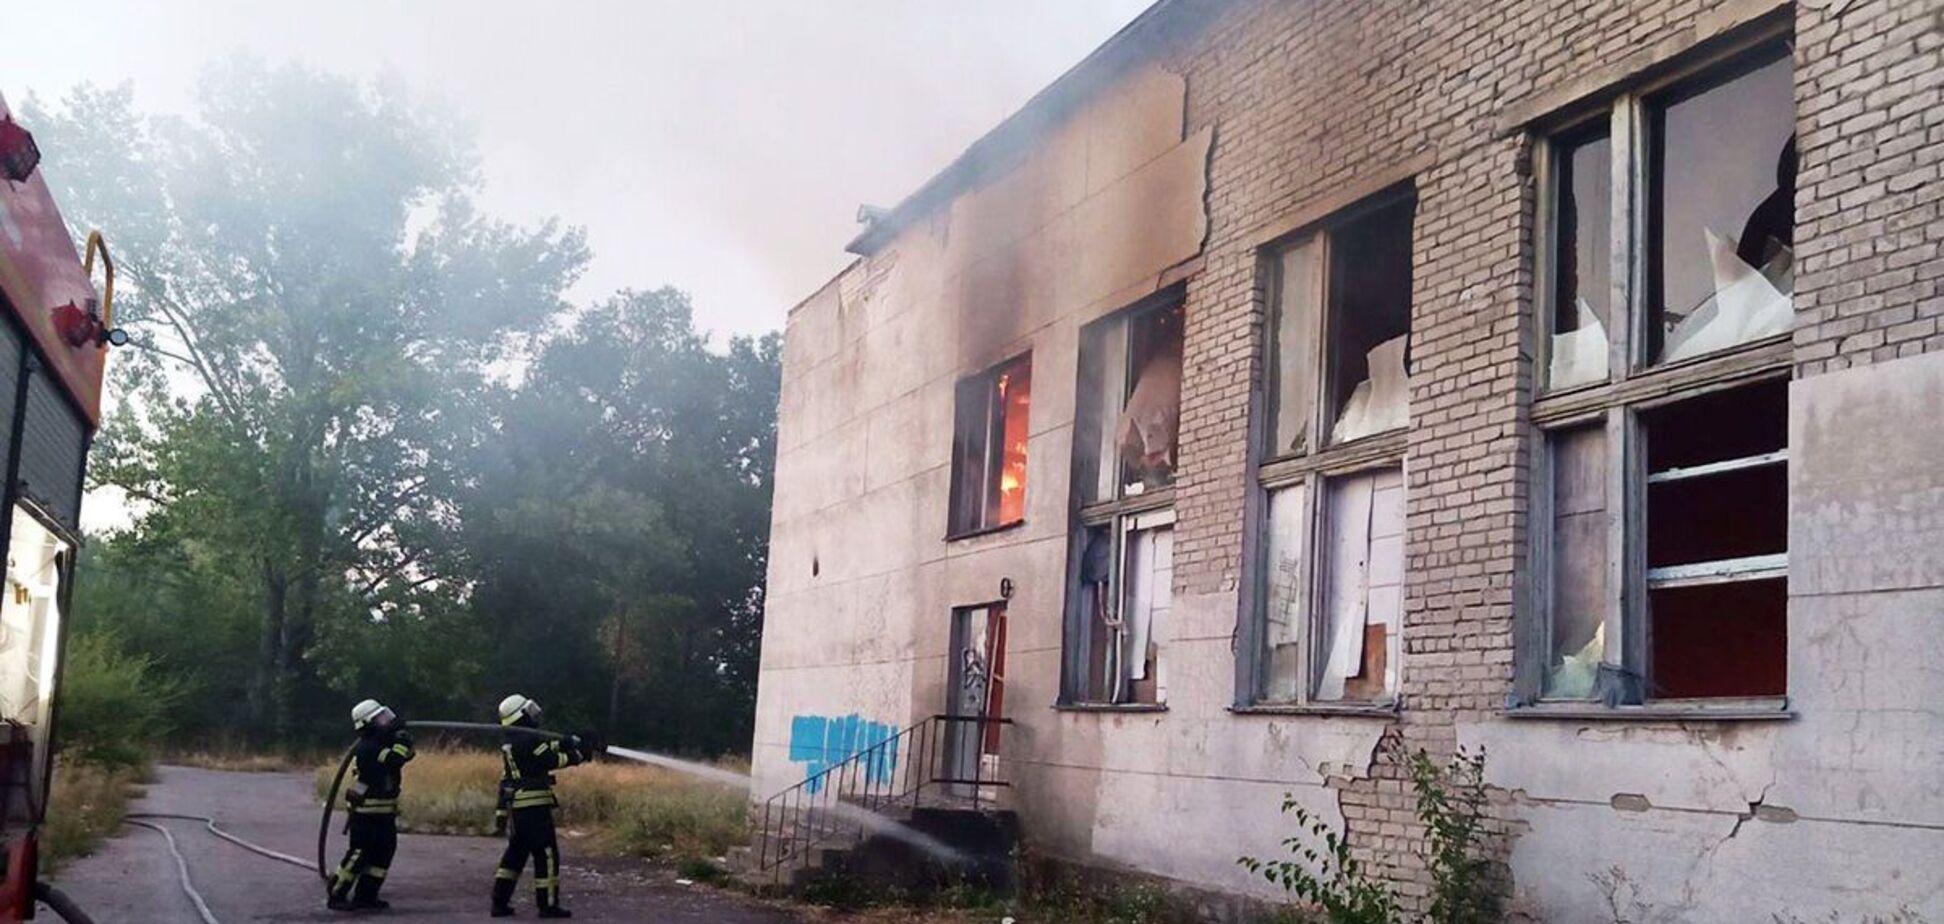 На Дніпропетровщині трапилася масштабна пожежа в закинутій будівлі. Фото і відео НП